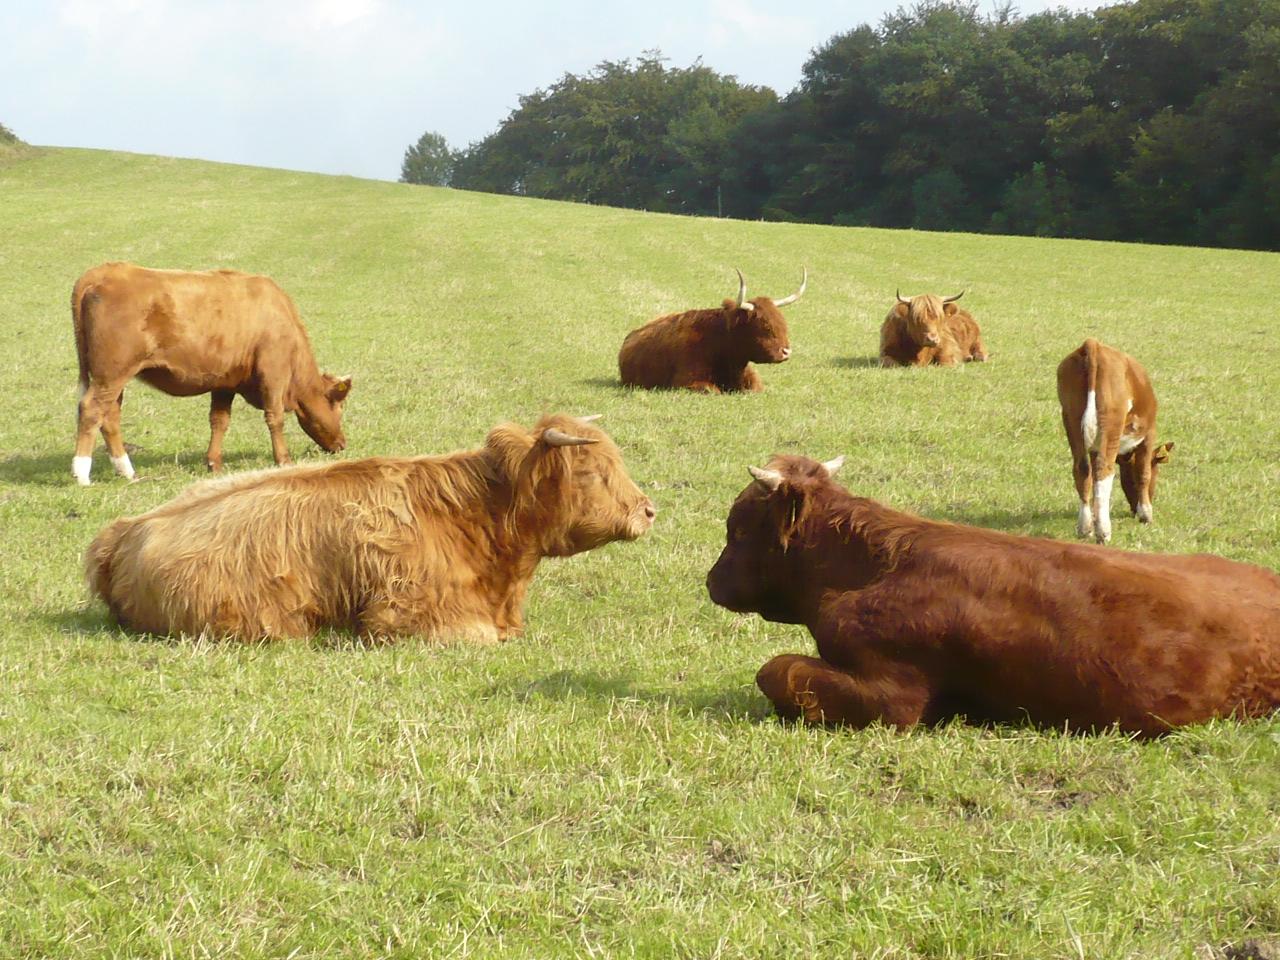 Rinder u. Hochlandrinder im Sauerland